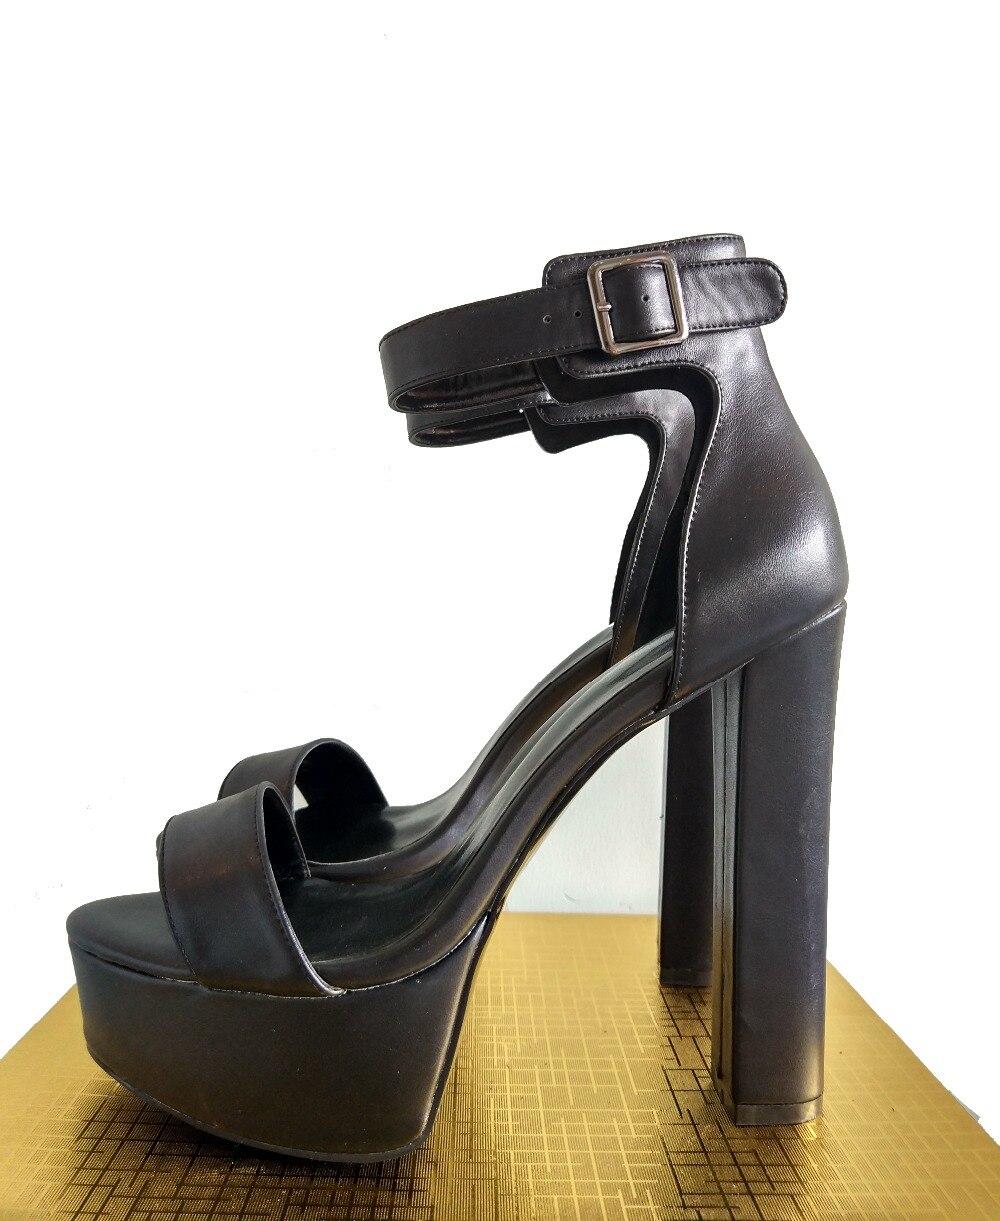 Sandales 4 Femme Us La Qualité 15 8812 Nude Bout Chaussures Carrés Femmes forme 8811 Plus Ouvert Noir De Haute Initiale L'intention Plate Talons Taille À E1qaA